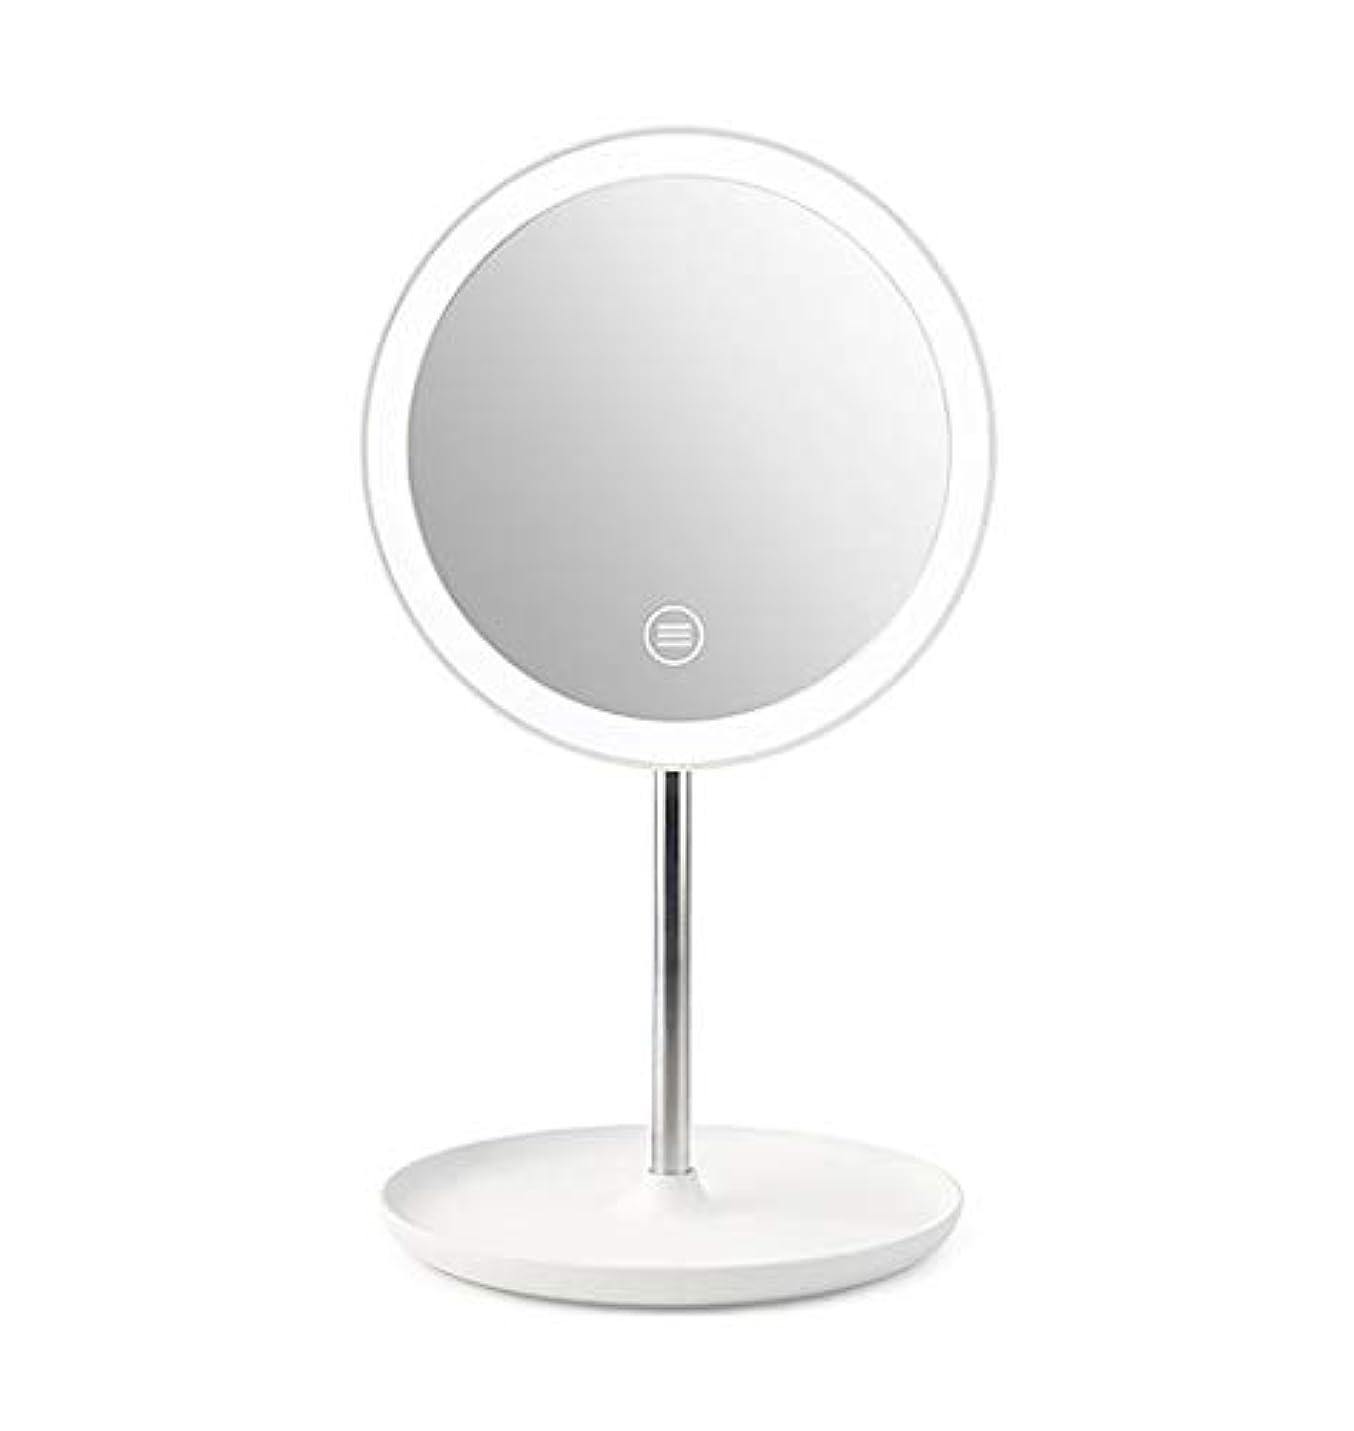 メディカルそこから記述するLED化粧鏡コンパクト、スタンド付き化粧鏡LEDライト付き照明付きバニティミラー調光可能なタッチスクリーン卓上化粧鏡180°回転USB充電